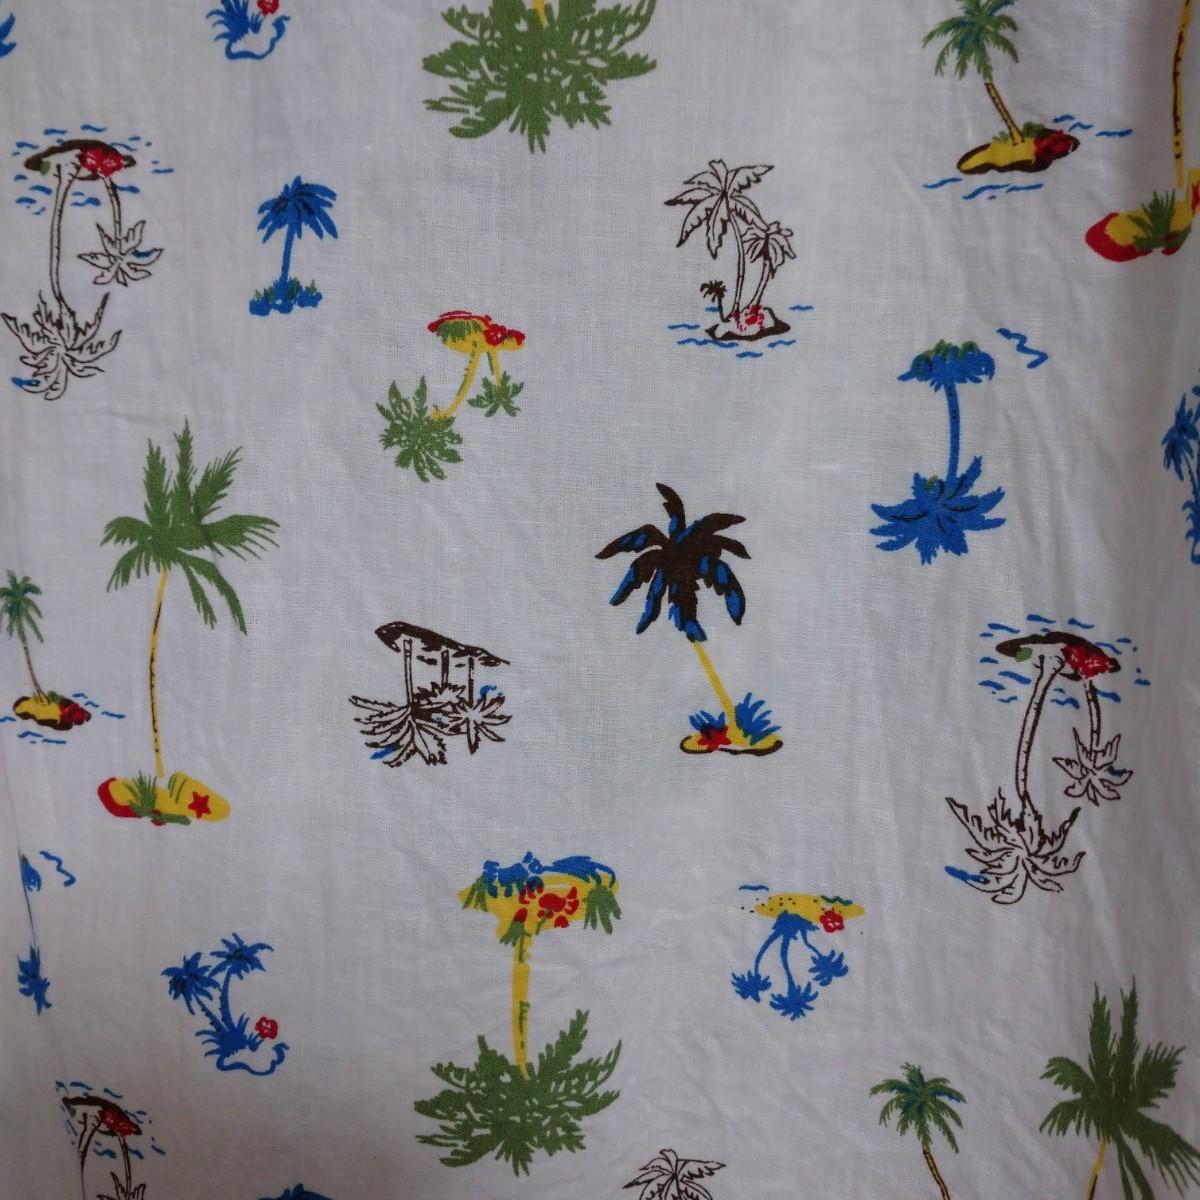 メンズ 半袖シャツ カジュアルシャツ アロハシャツ ハワイ ヤシの木柄